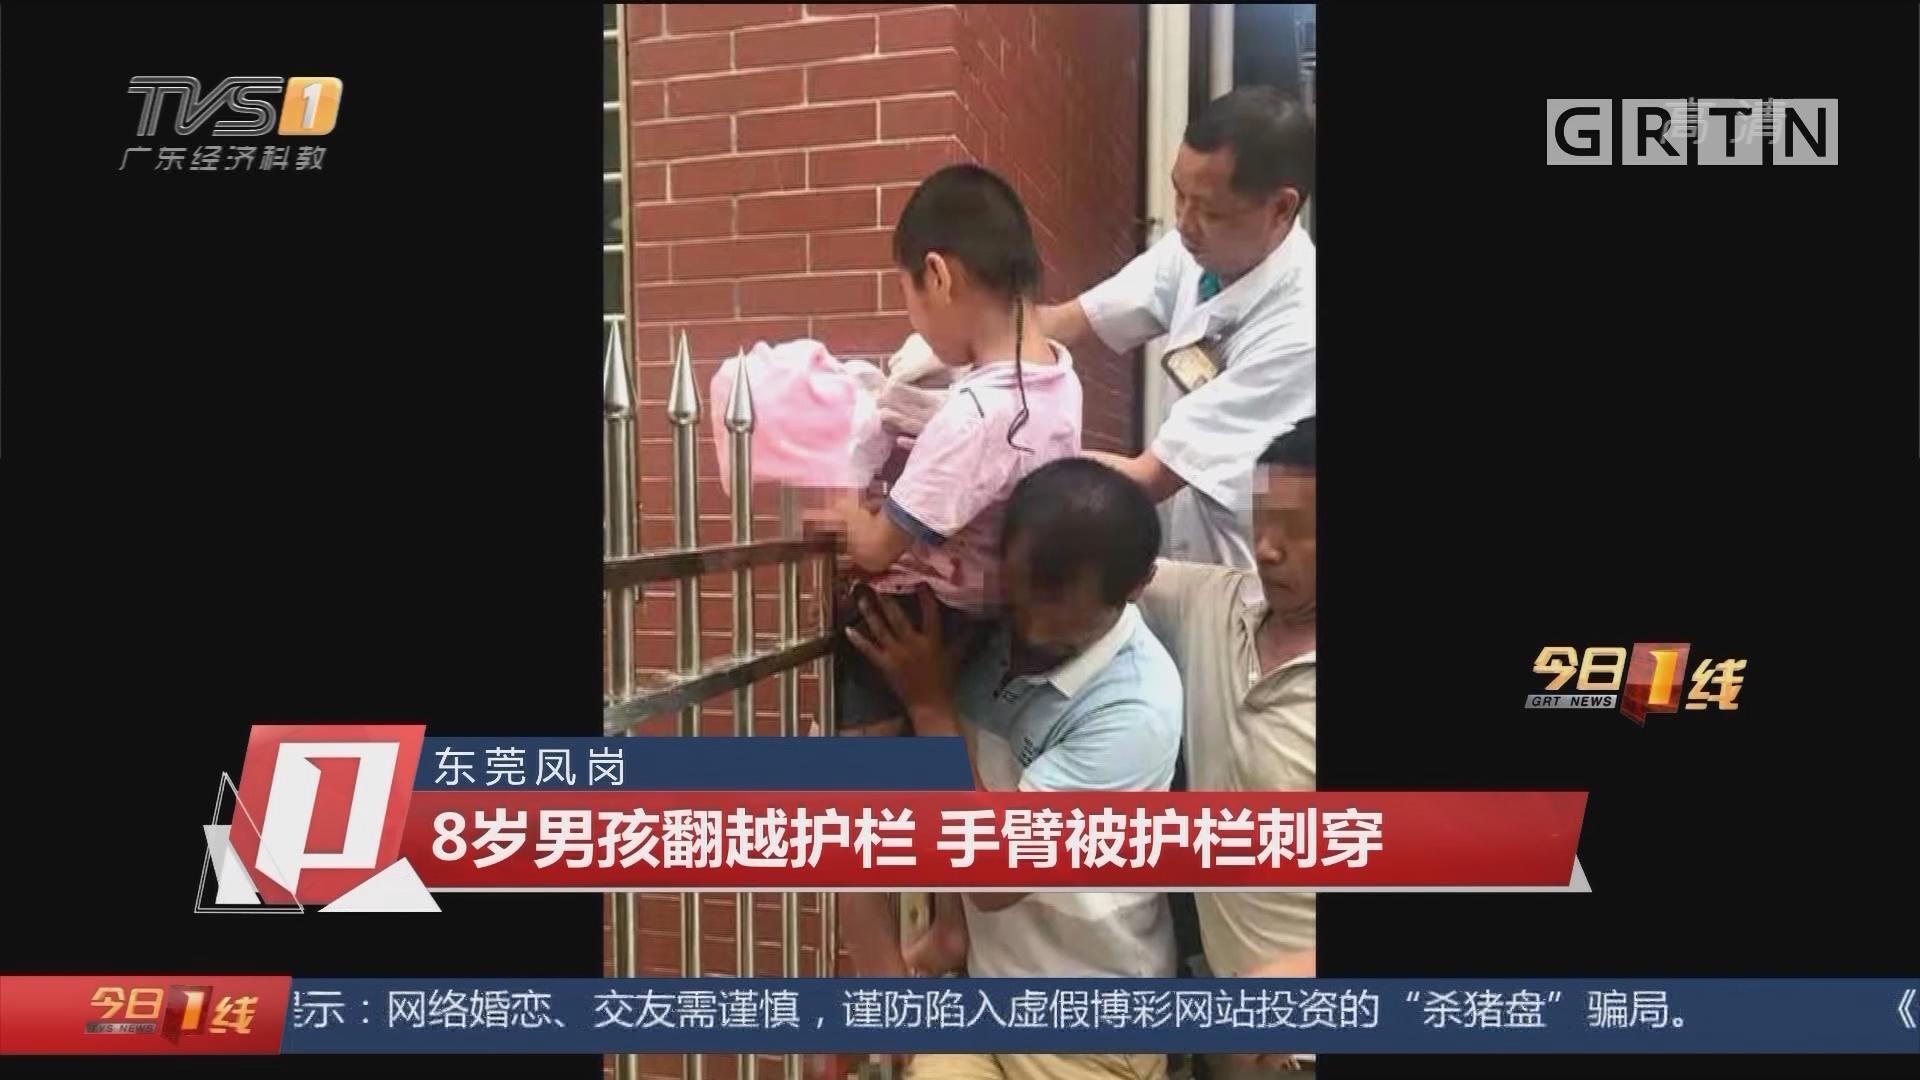 东莞凤岗:8岁男孩翻越护栏 手臂被护栏刺穿